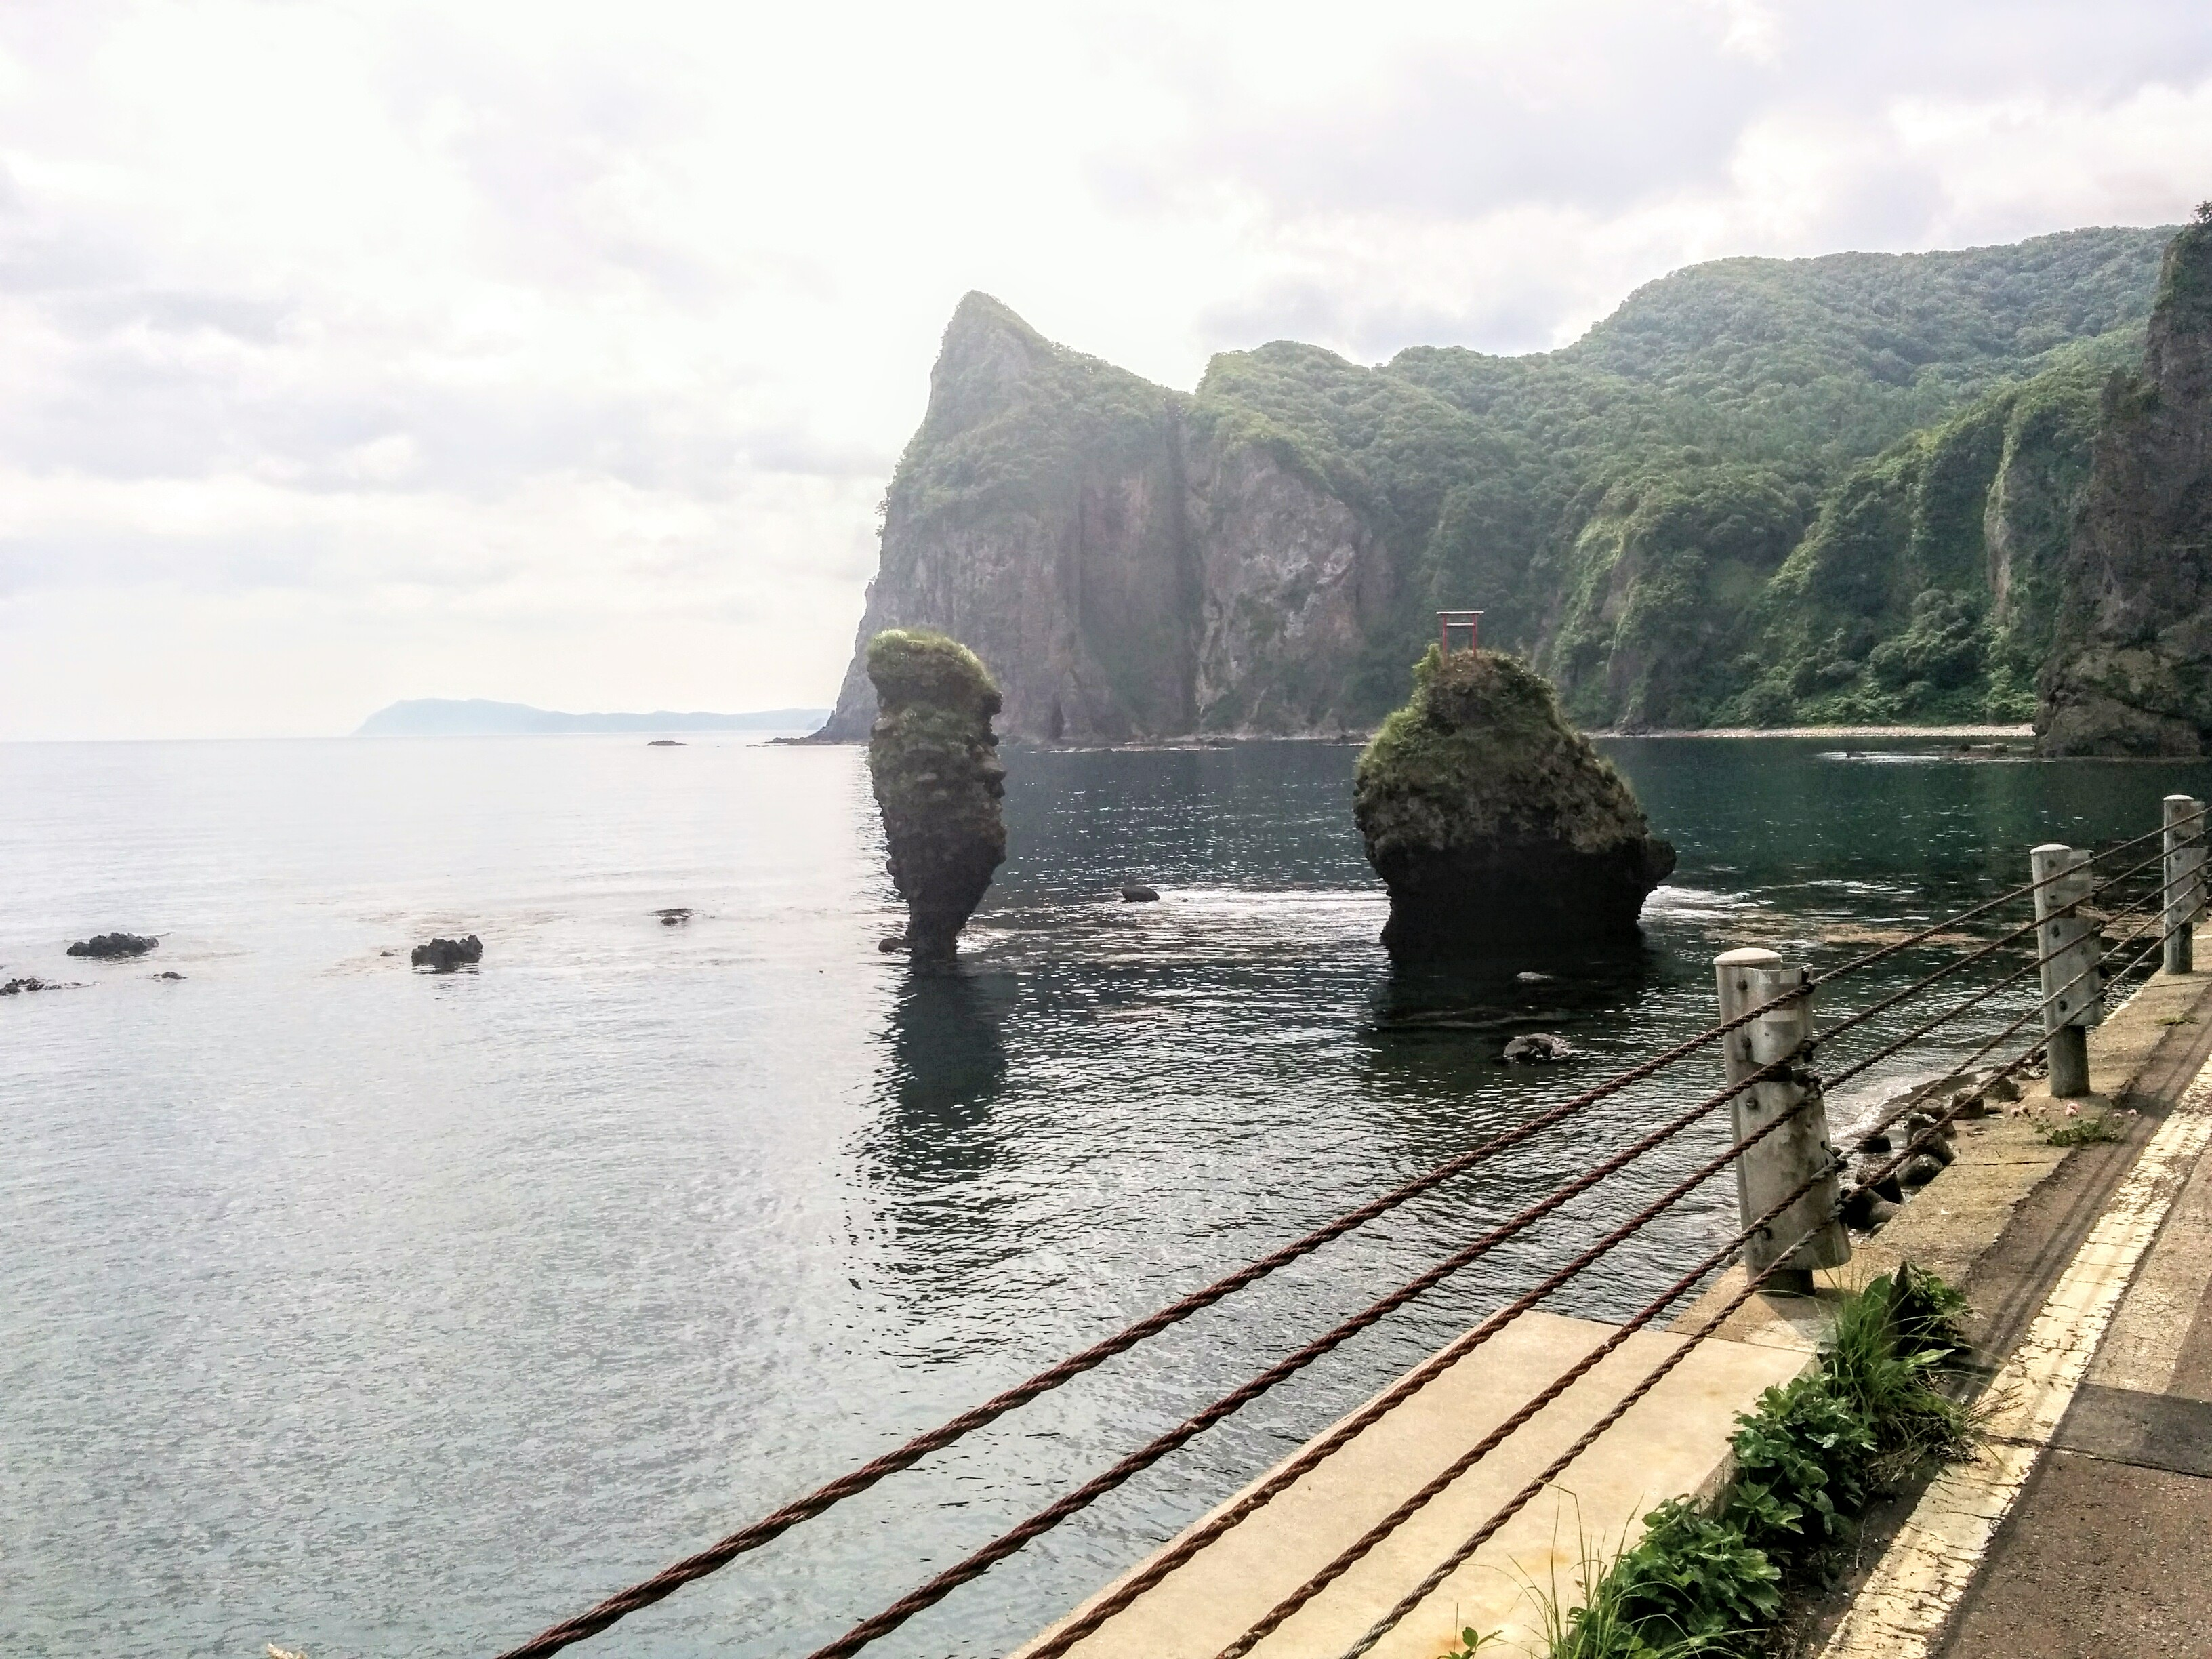 【セタカムイライン】積丹半島・大黒岩とえびす岩です。